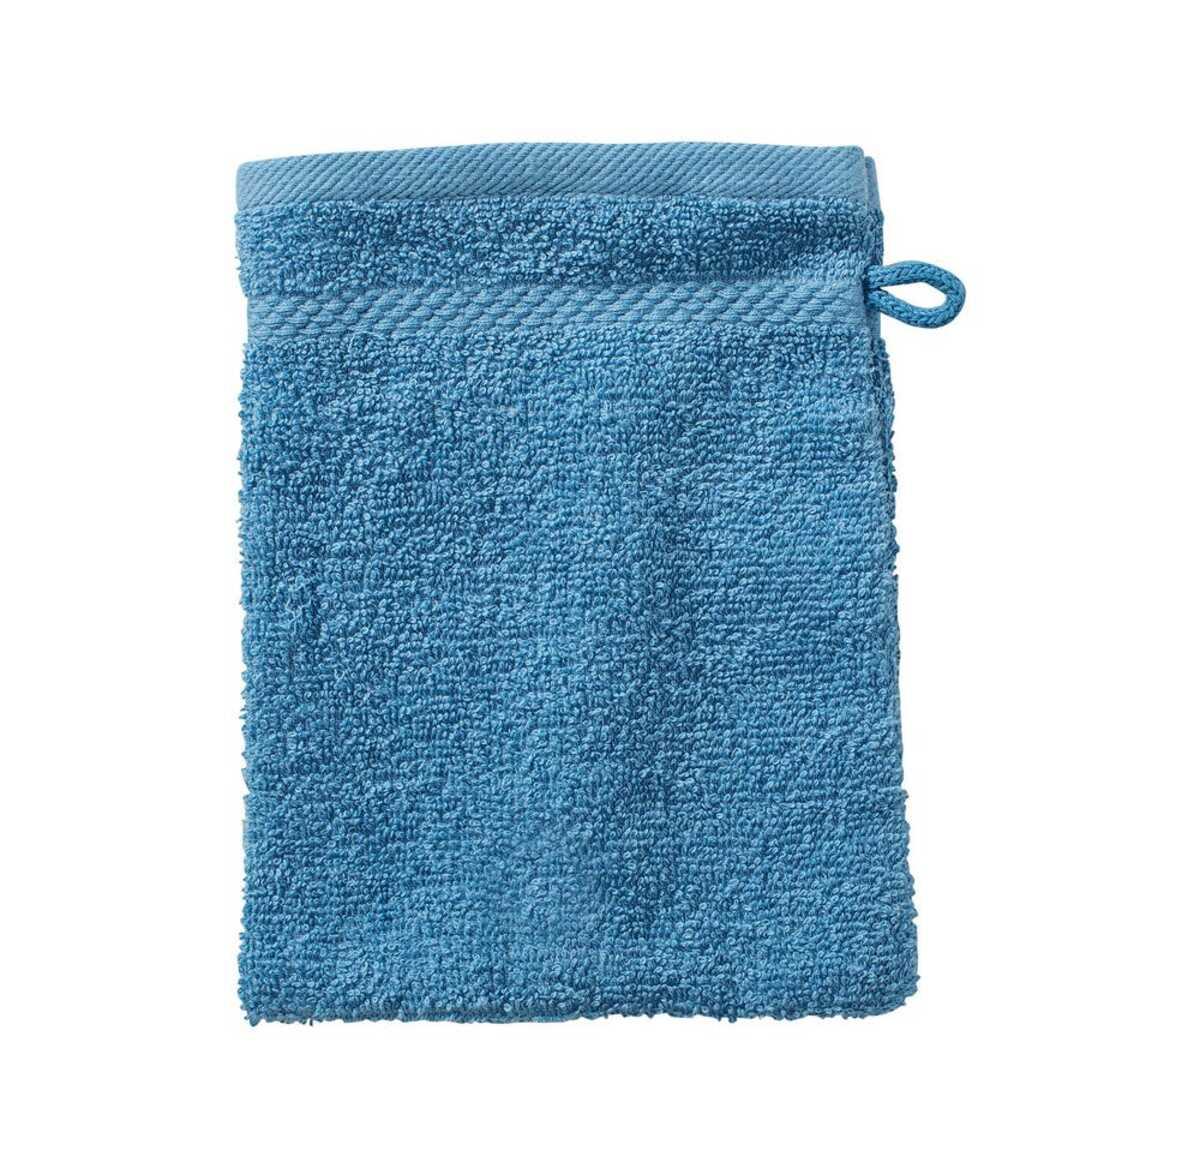 Bild 1 von Waschhandschuh, 2er Pack